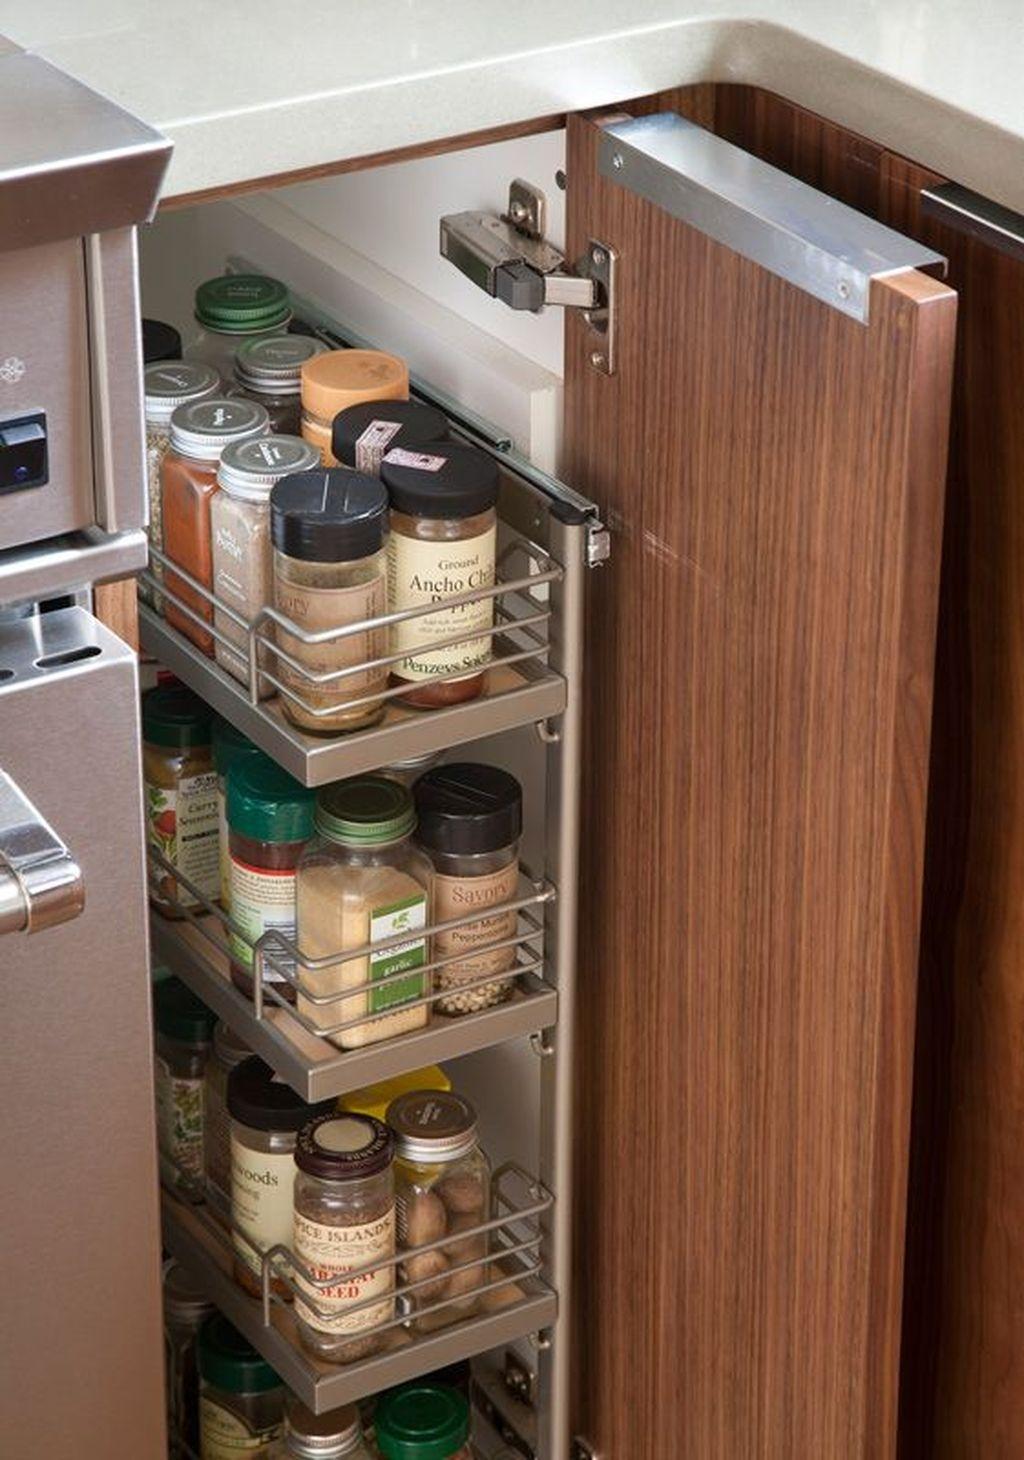 كل تعليم الطب الشرعي ترتيب خزانة المطبخ بالصور Sjvbca Org